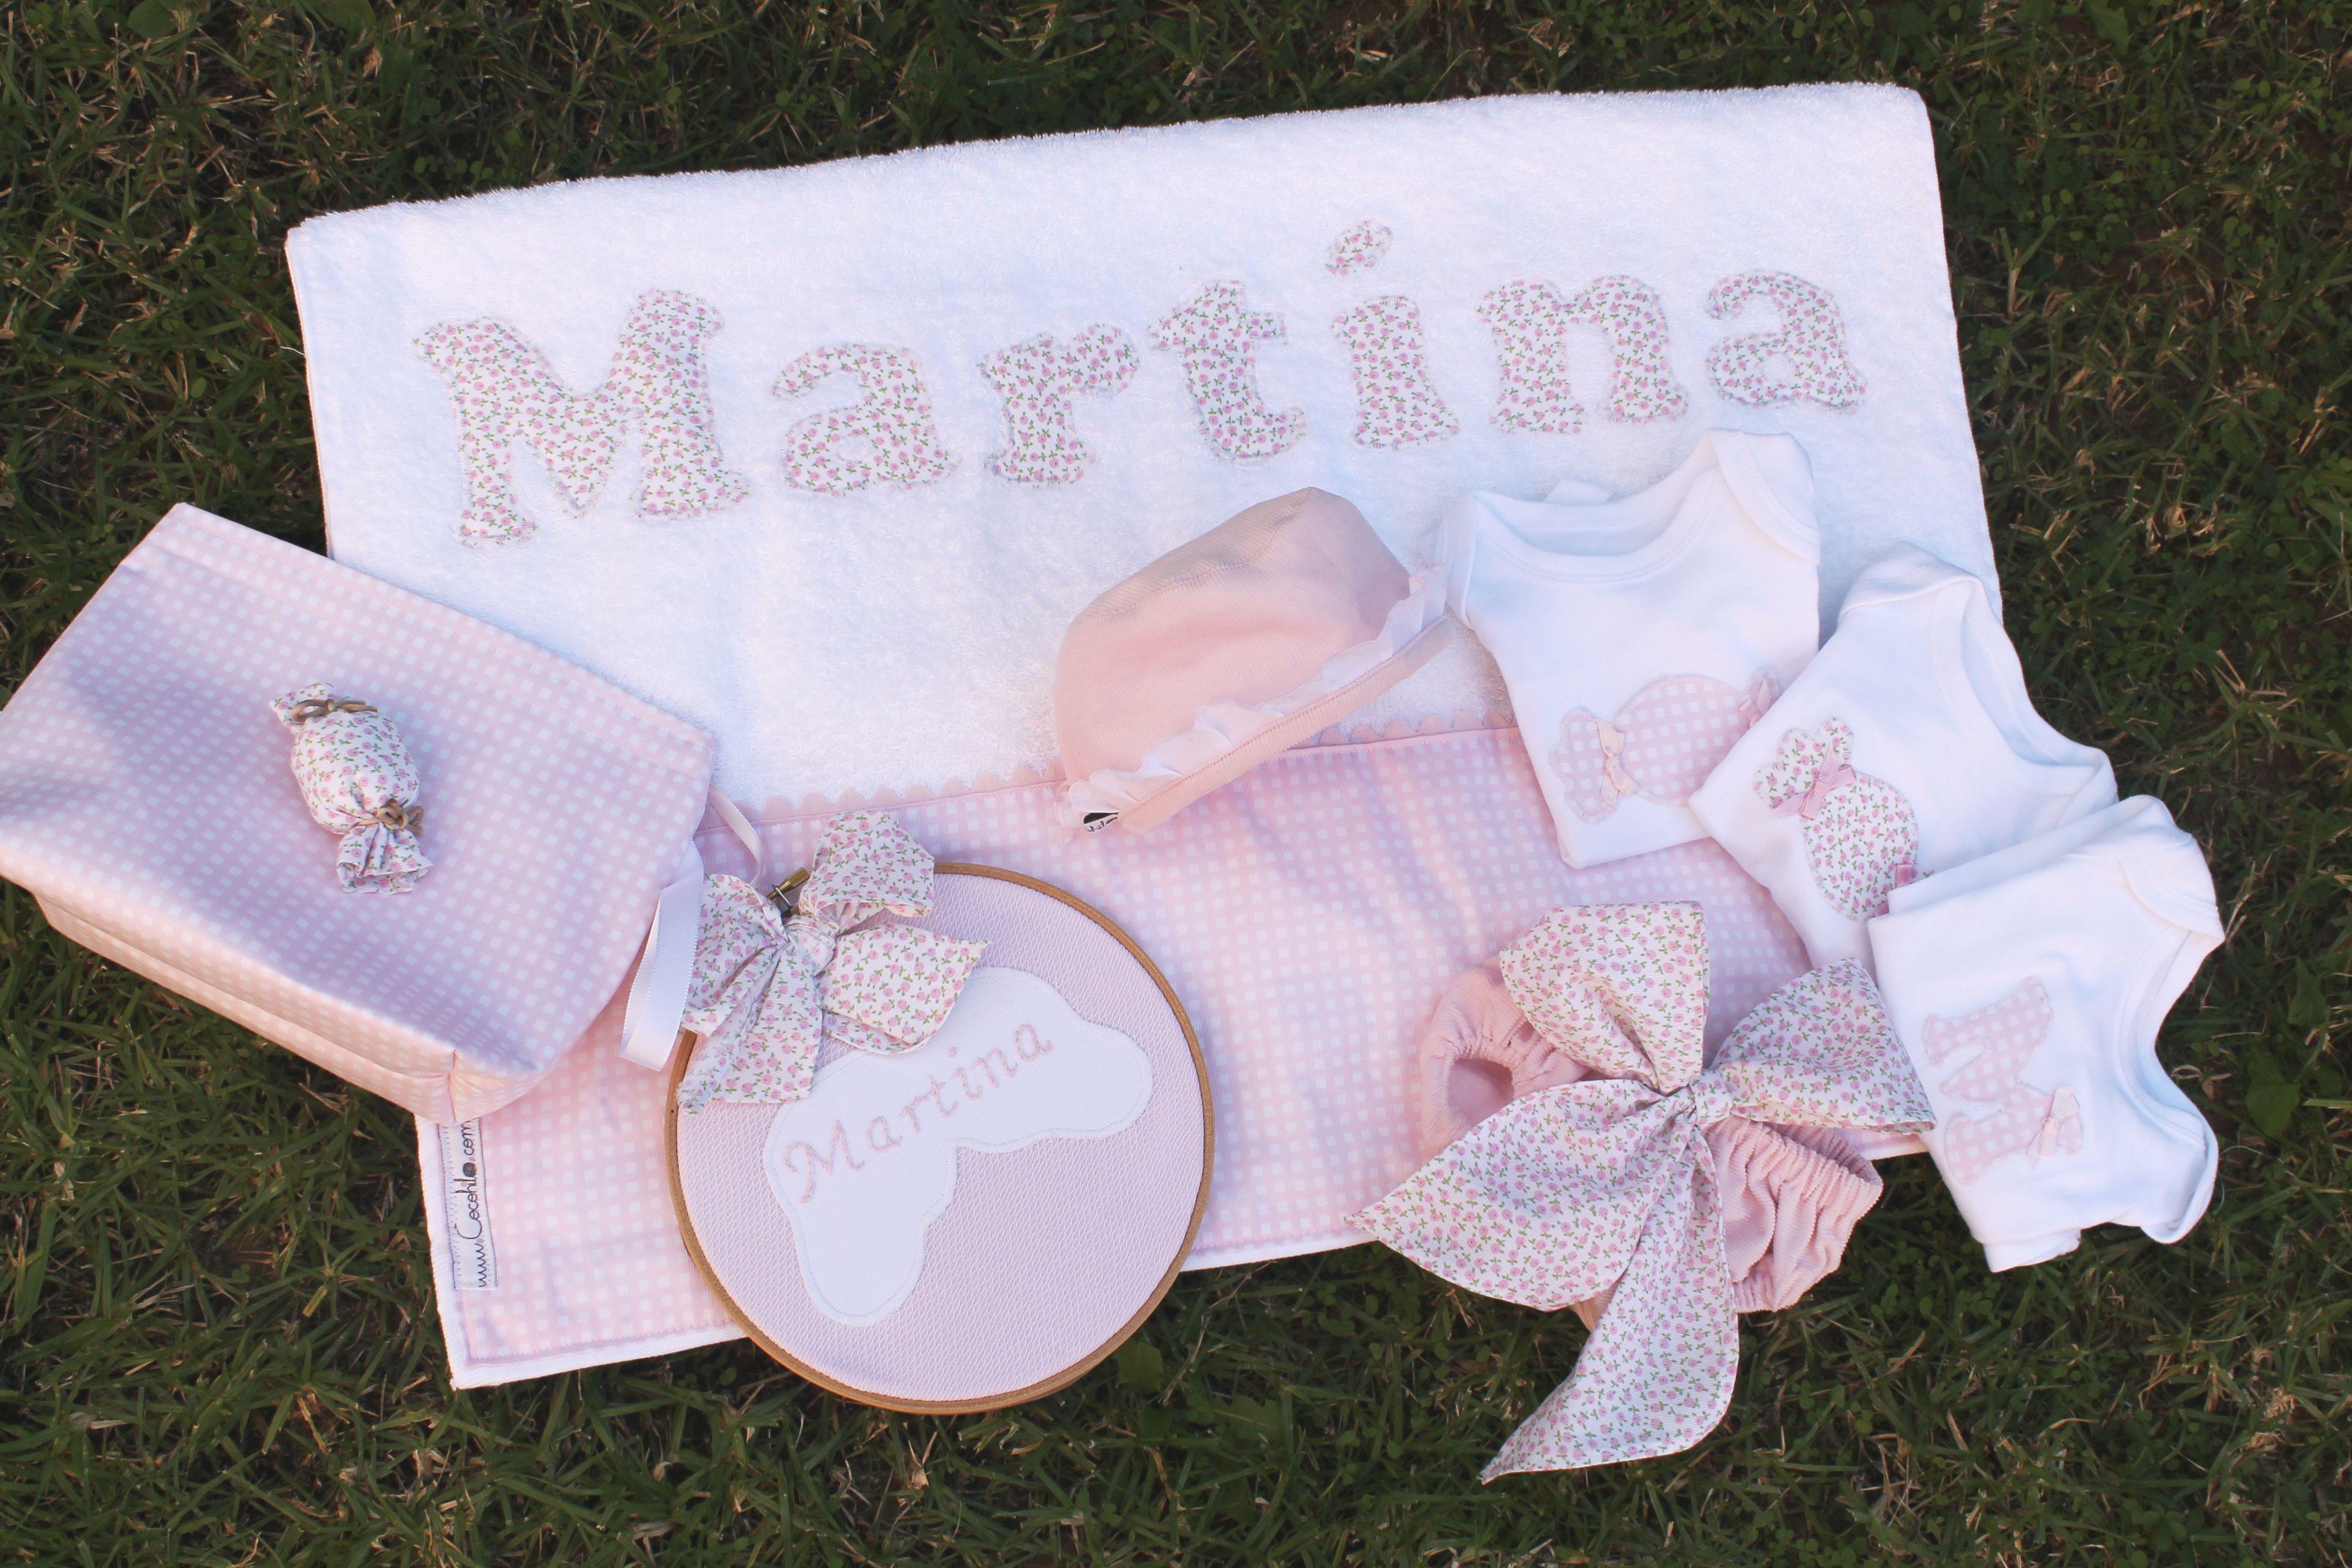 Para Martina....